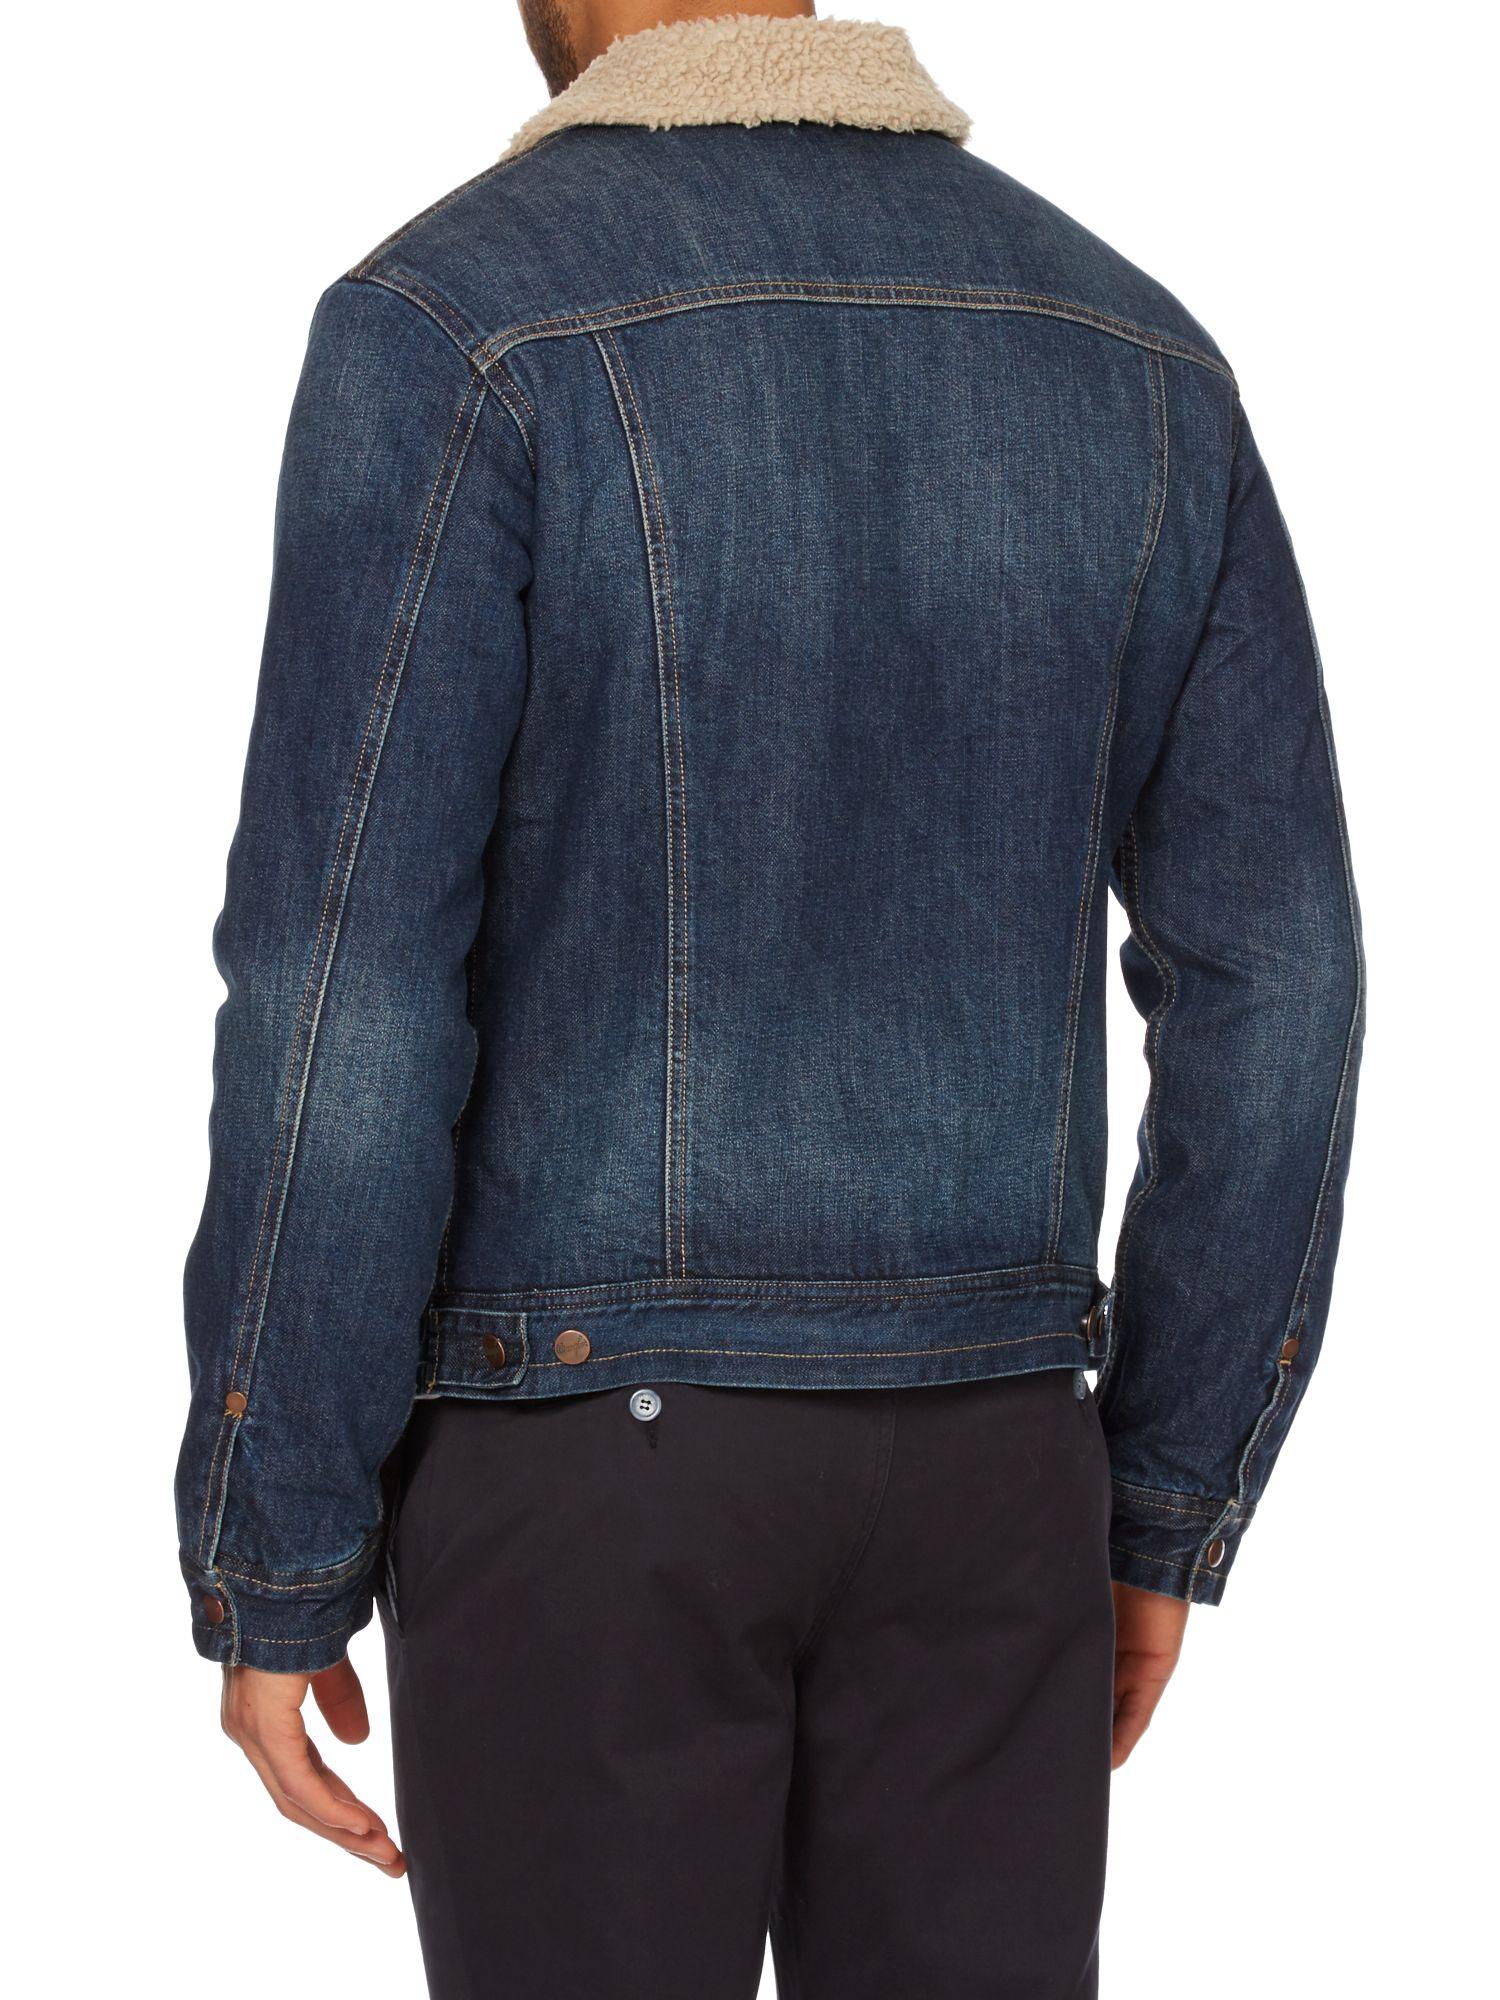 Lyst wrangler denim sherpa jacket in blue for men for Wrangler denim shirts uk